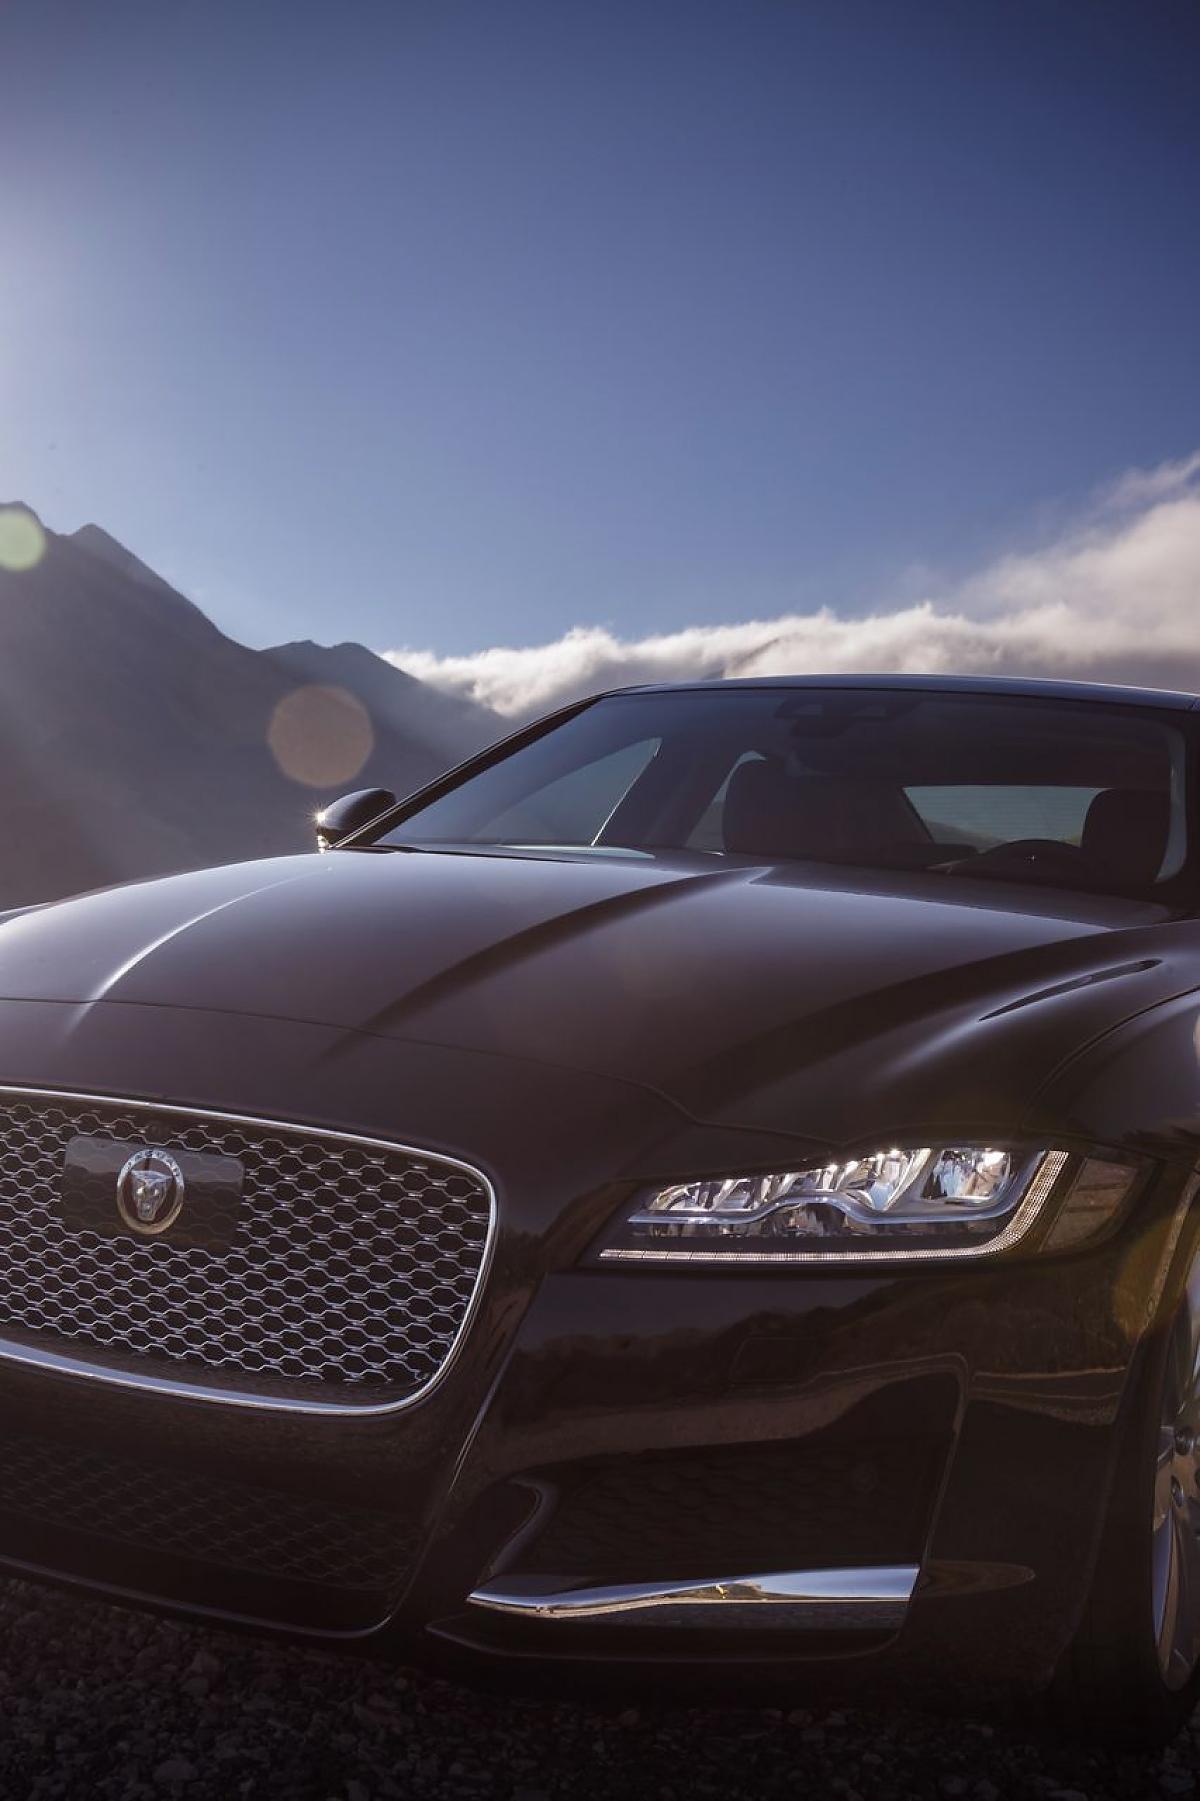 Neuer Jaguar XF 2 0d Mit Leichtbau gegen BMW 5er und Audi A6